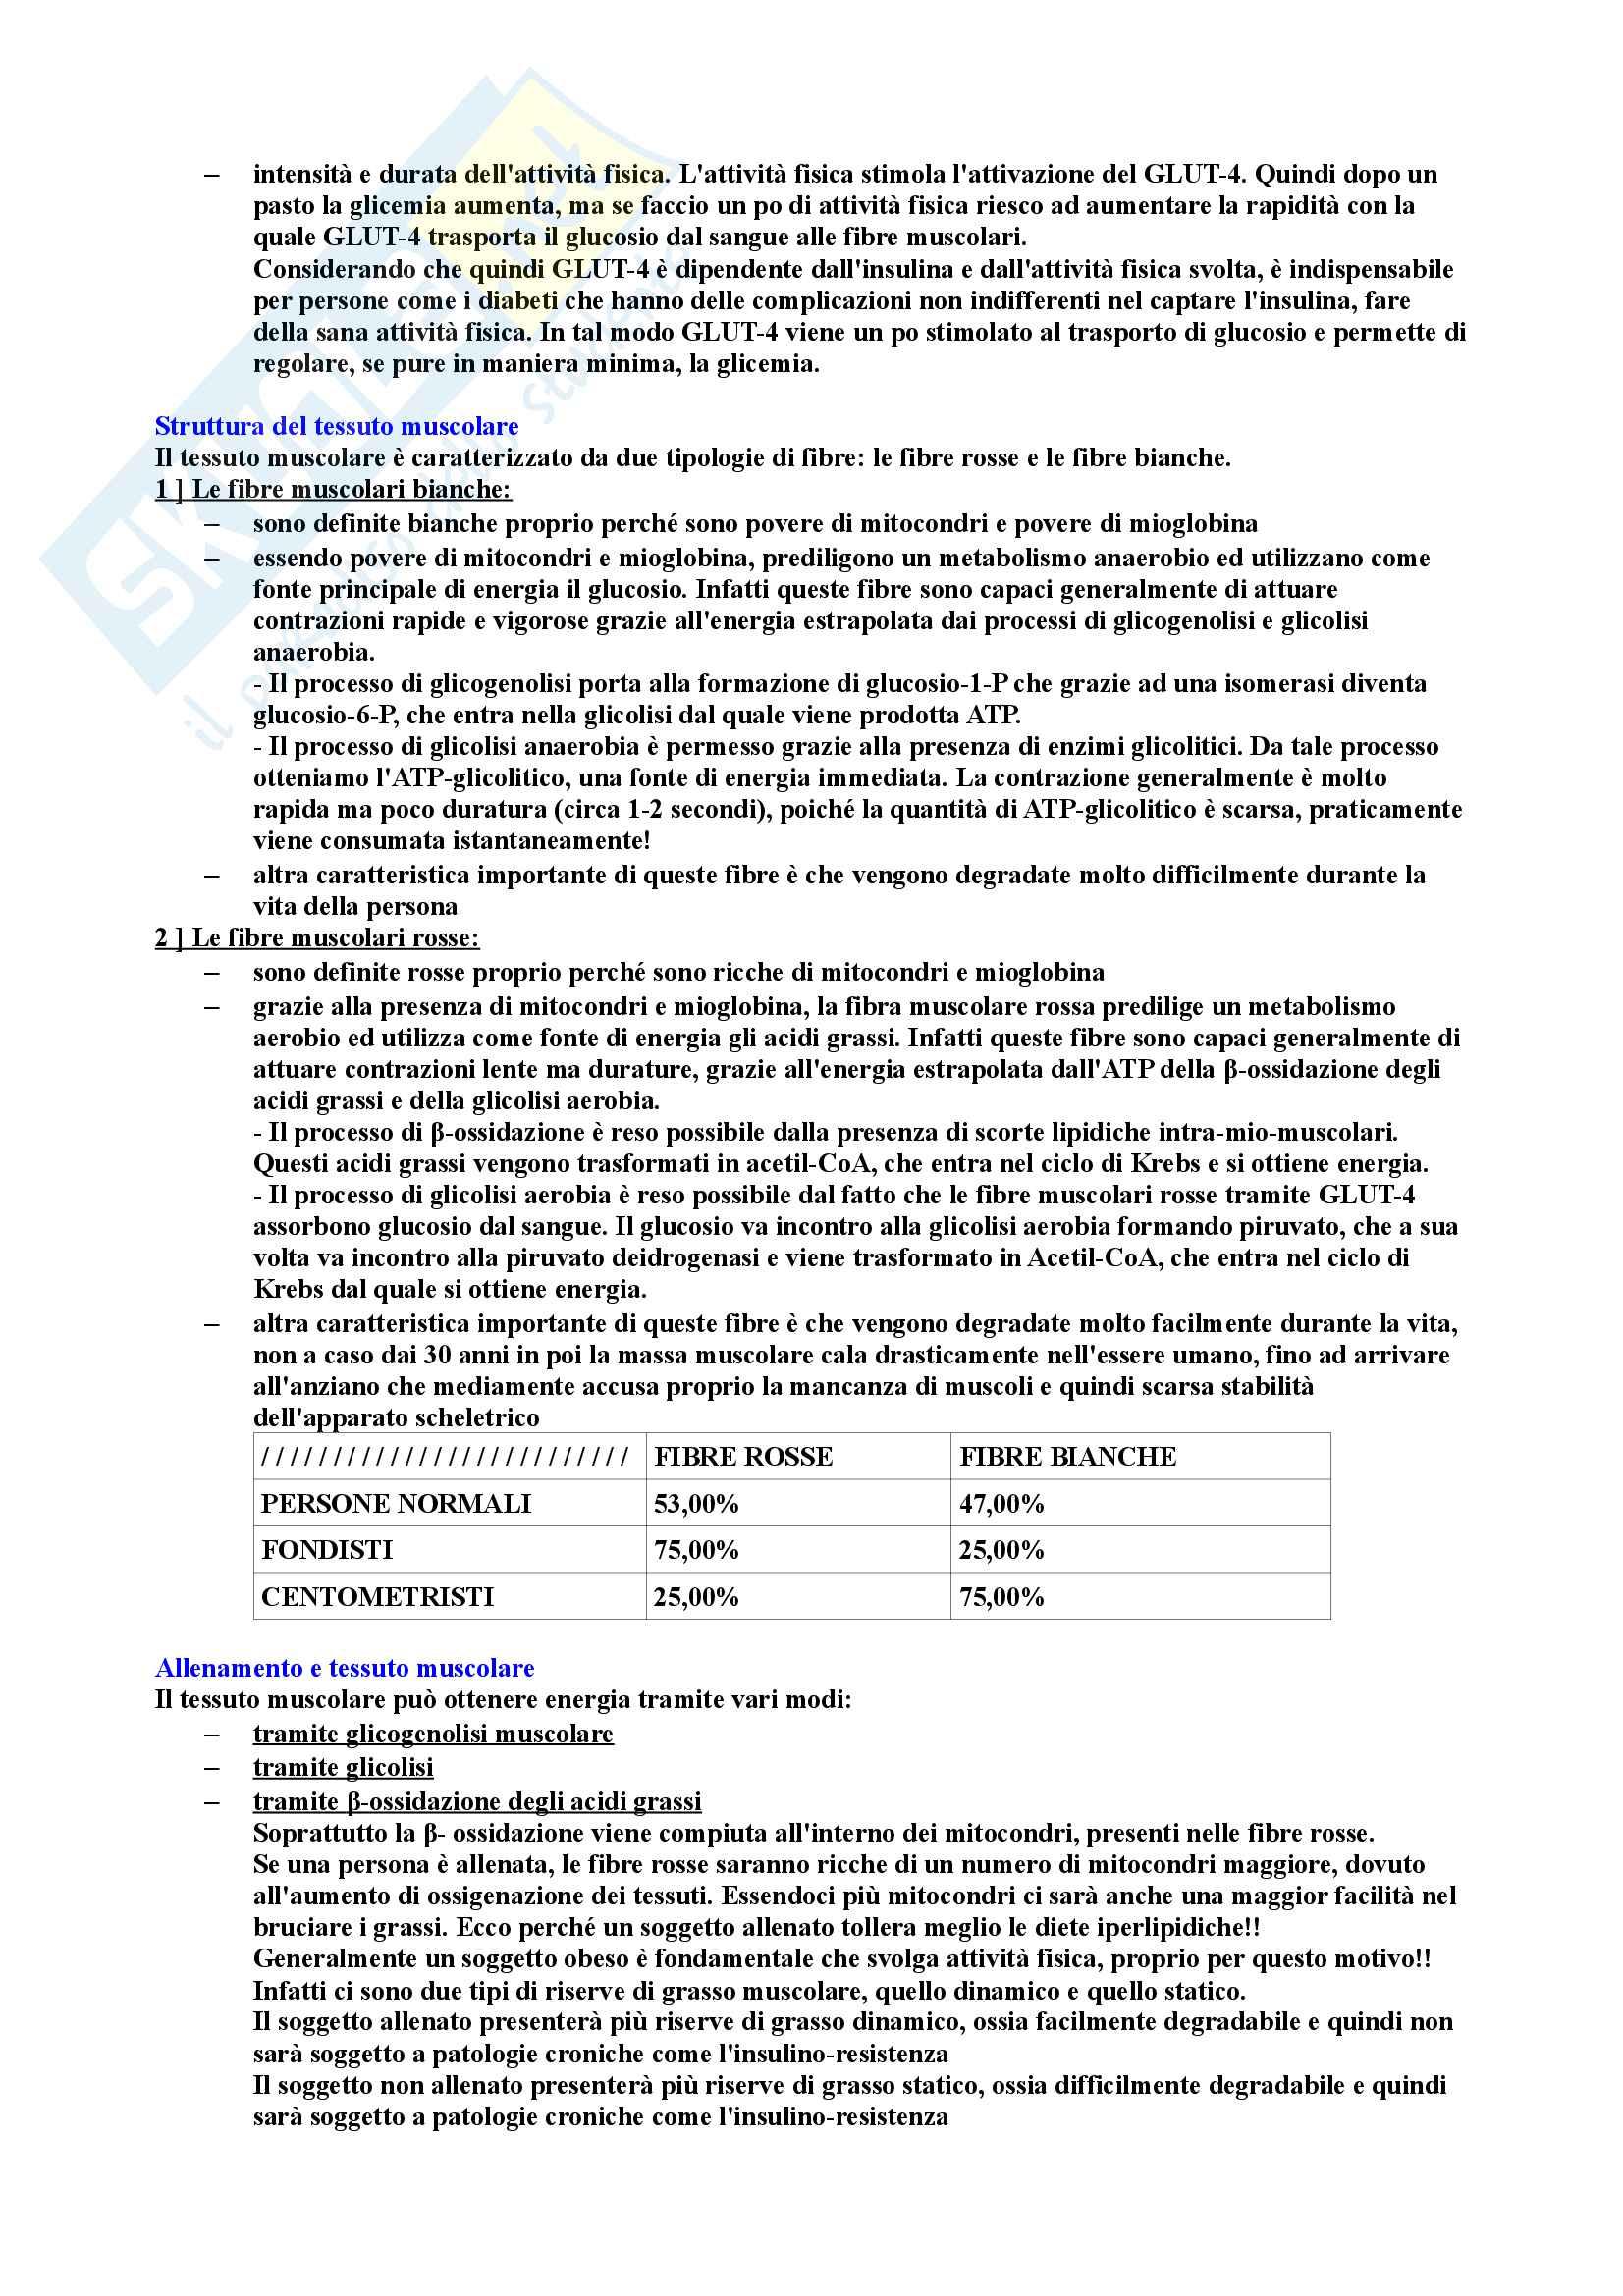 Riassunto di Biochimica degli alimenti Pag. 96